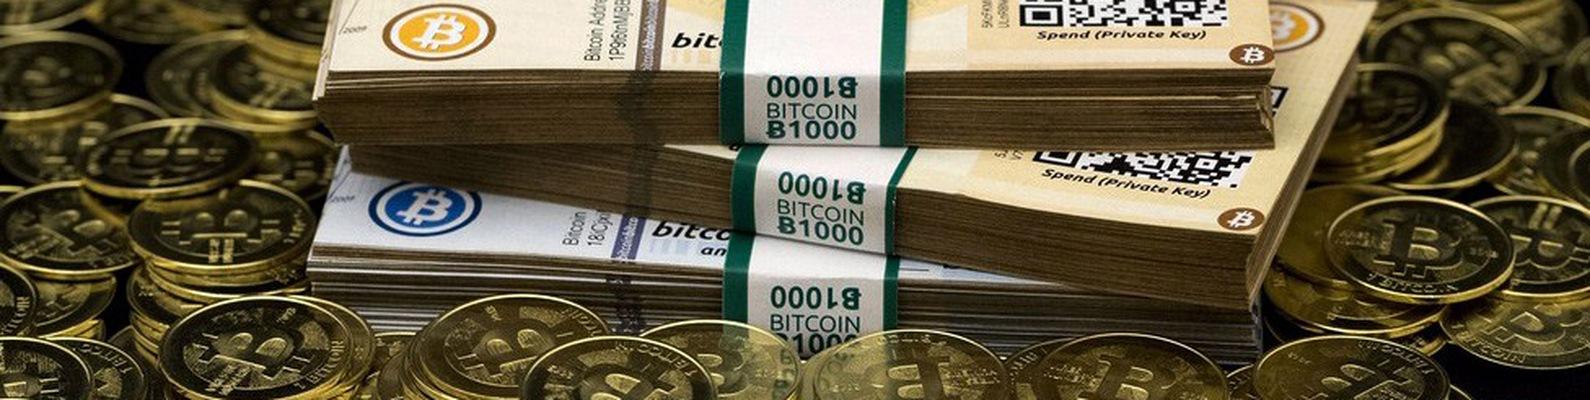 Bitcoin, майнинг Биткоин краны | ВКонтакте